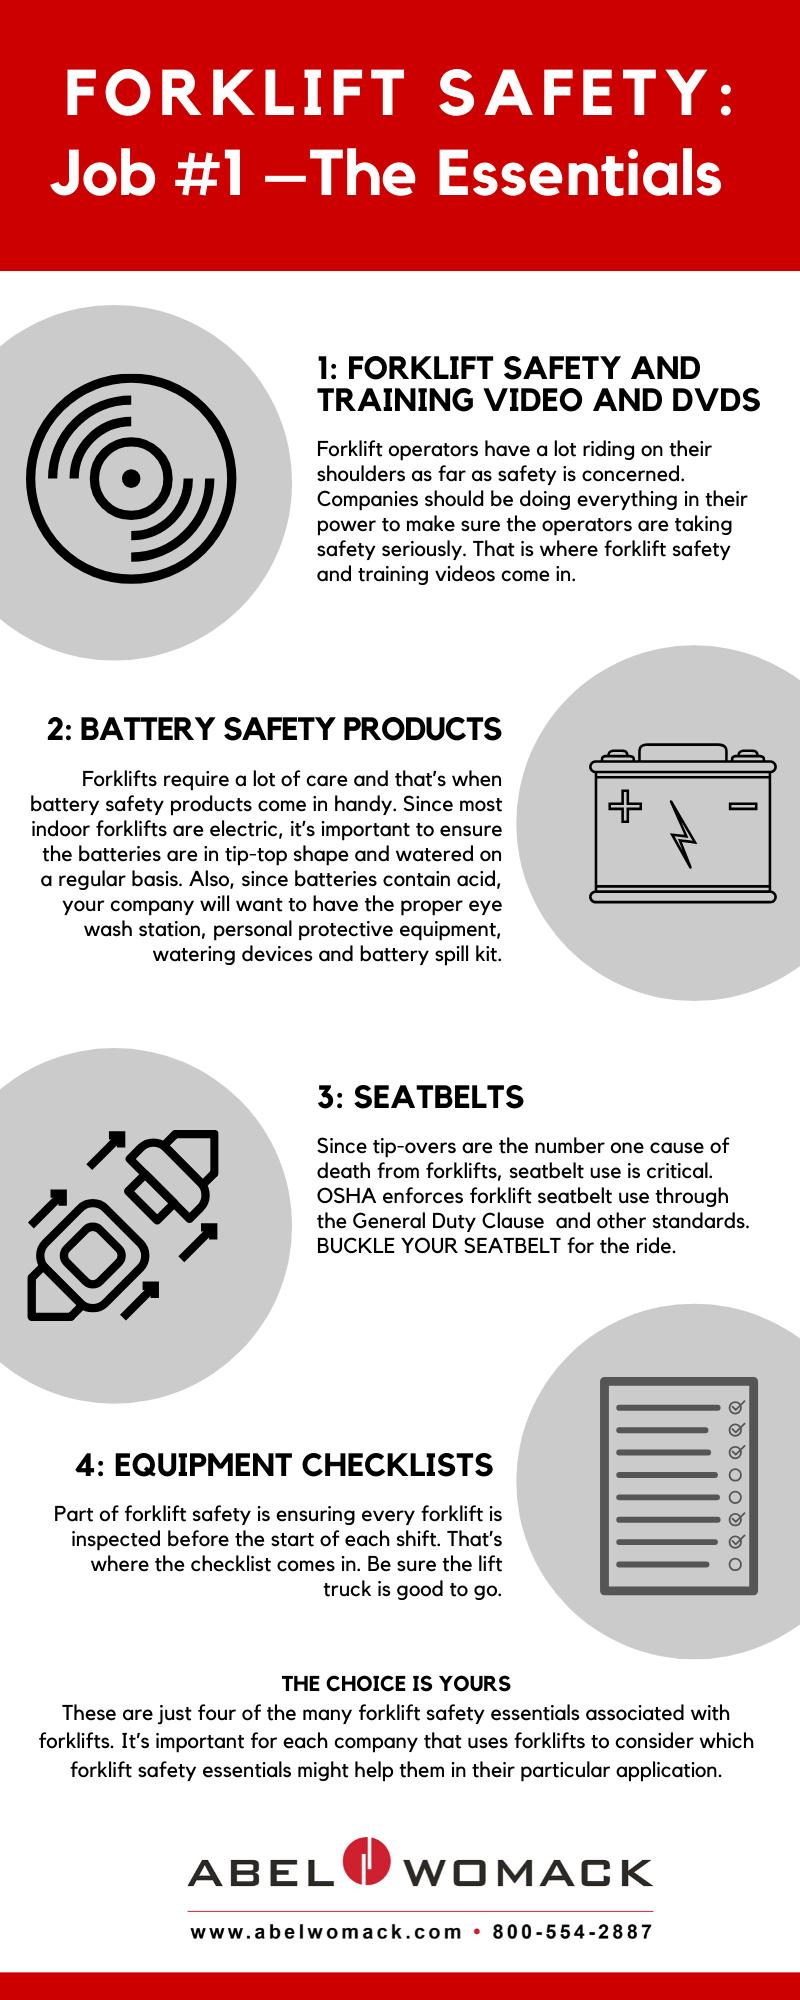 Infographic - Forklift Safety Essentials